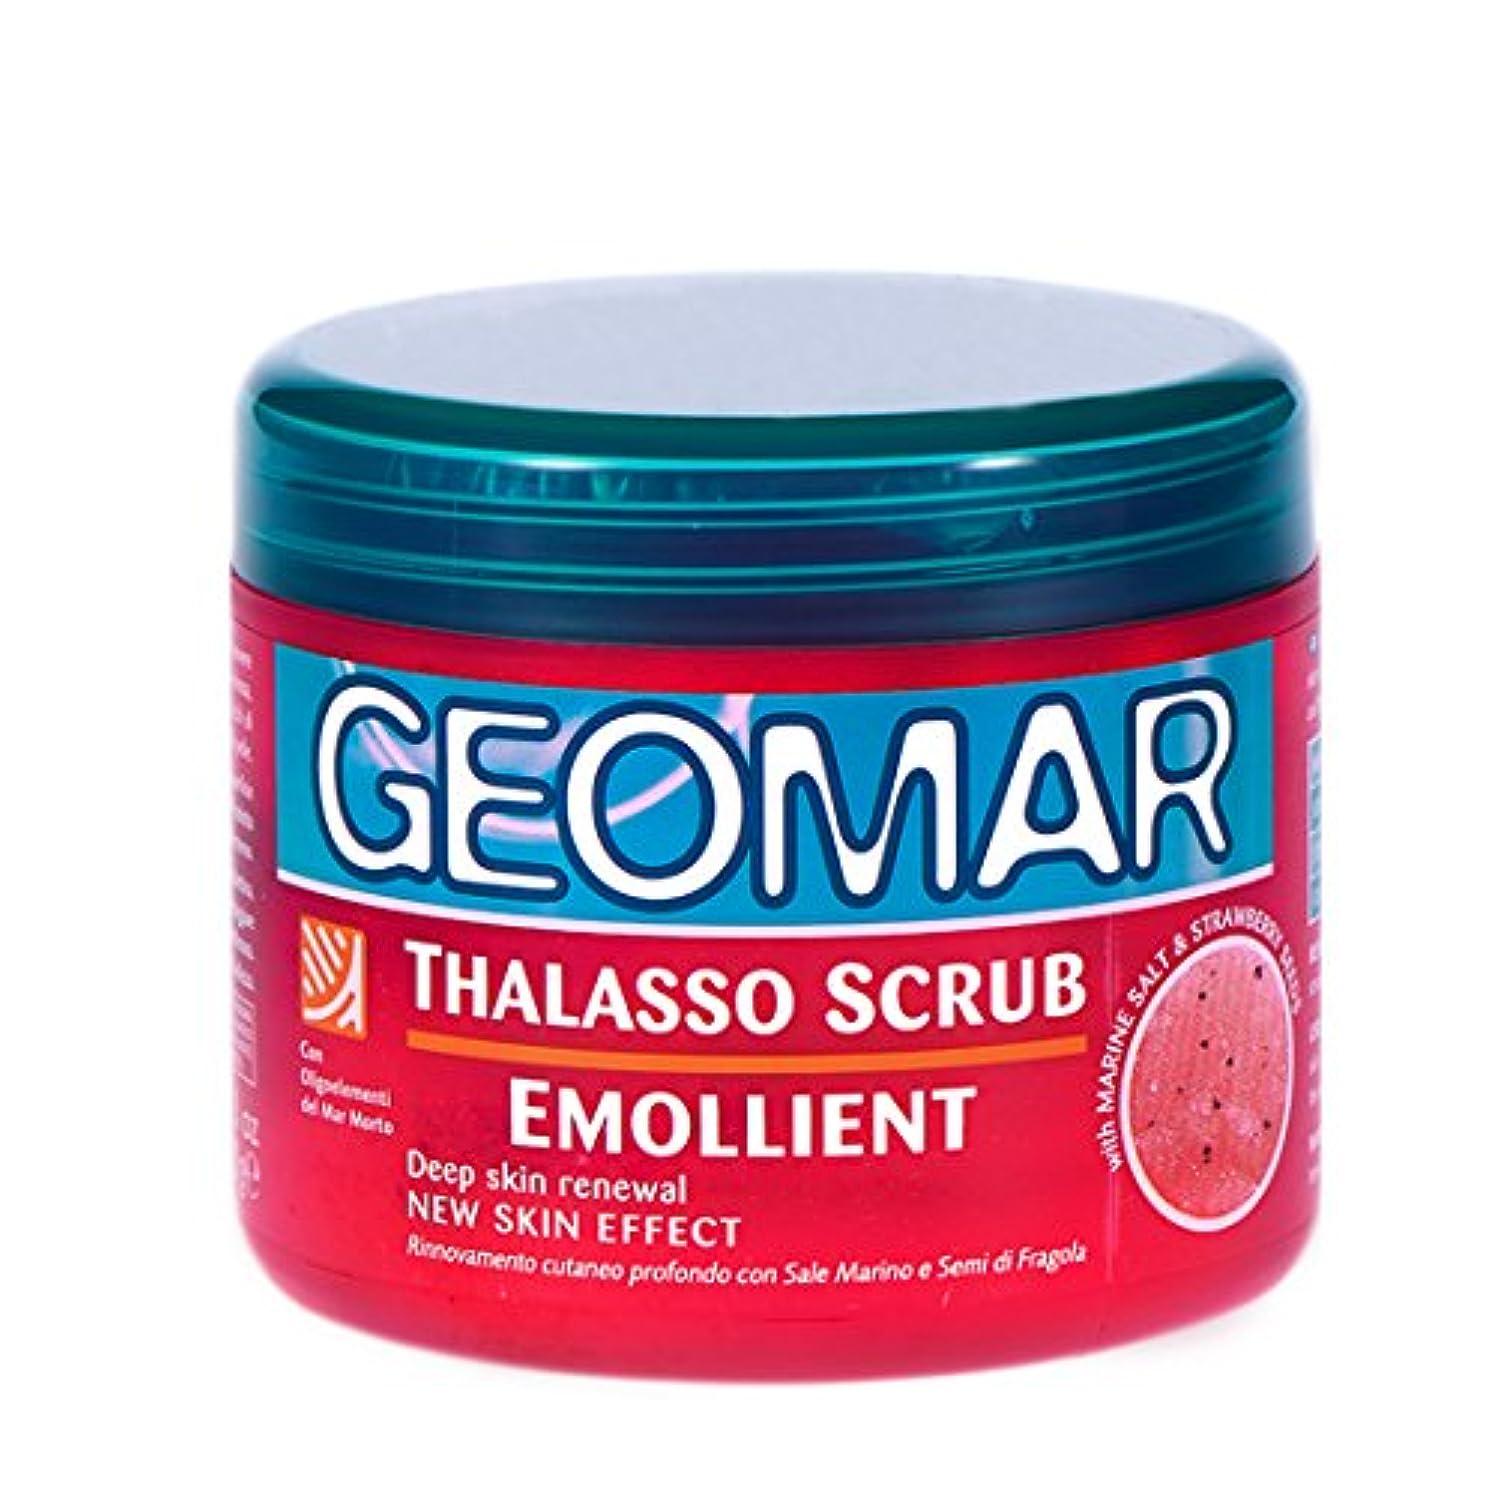 摩擦承認するジェオマール タラソスクラブ エモリエン #ストロベリー 600g(並行輸入品)